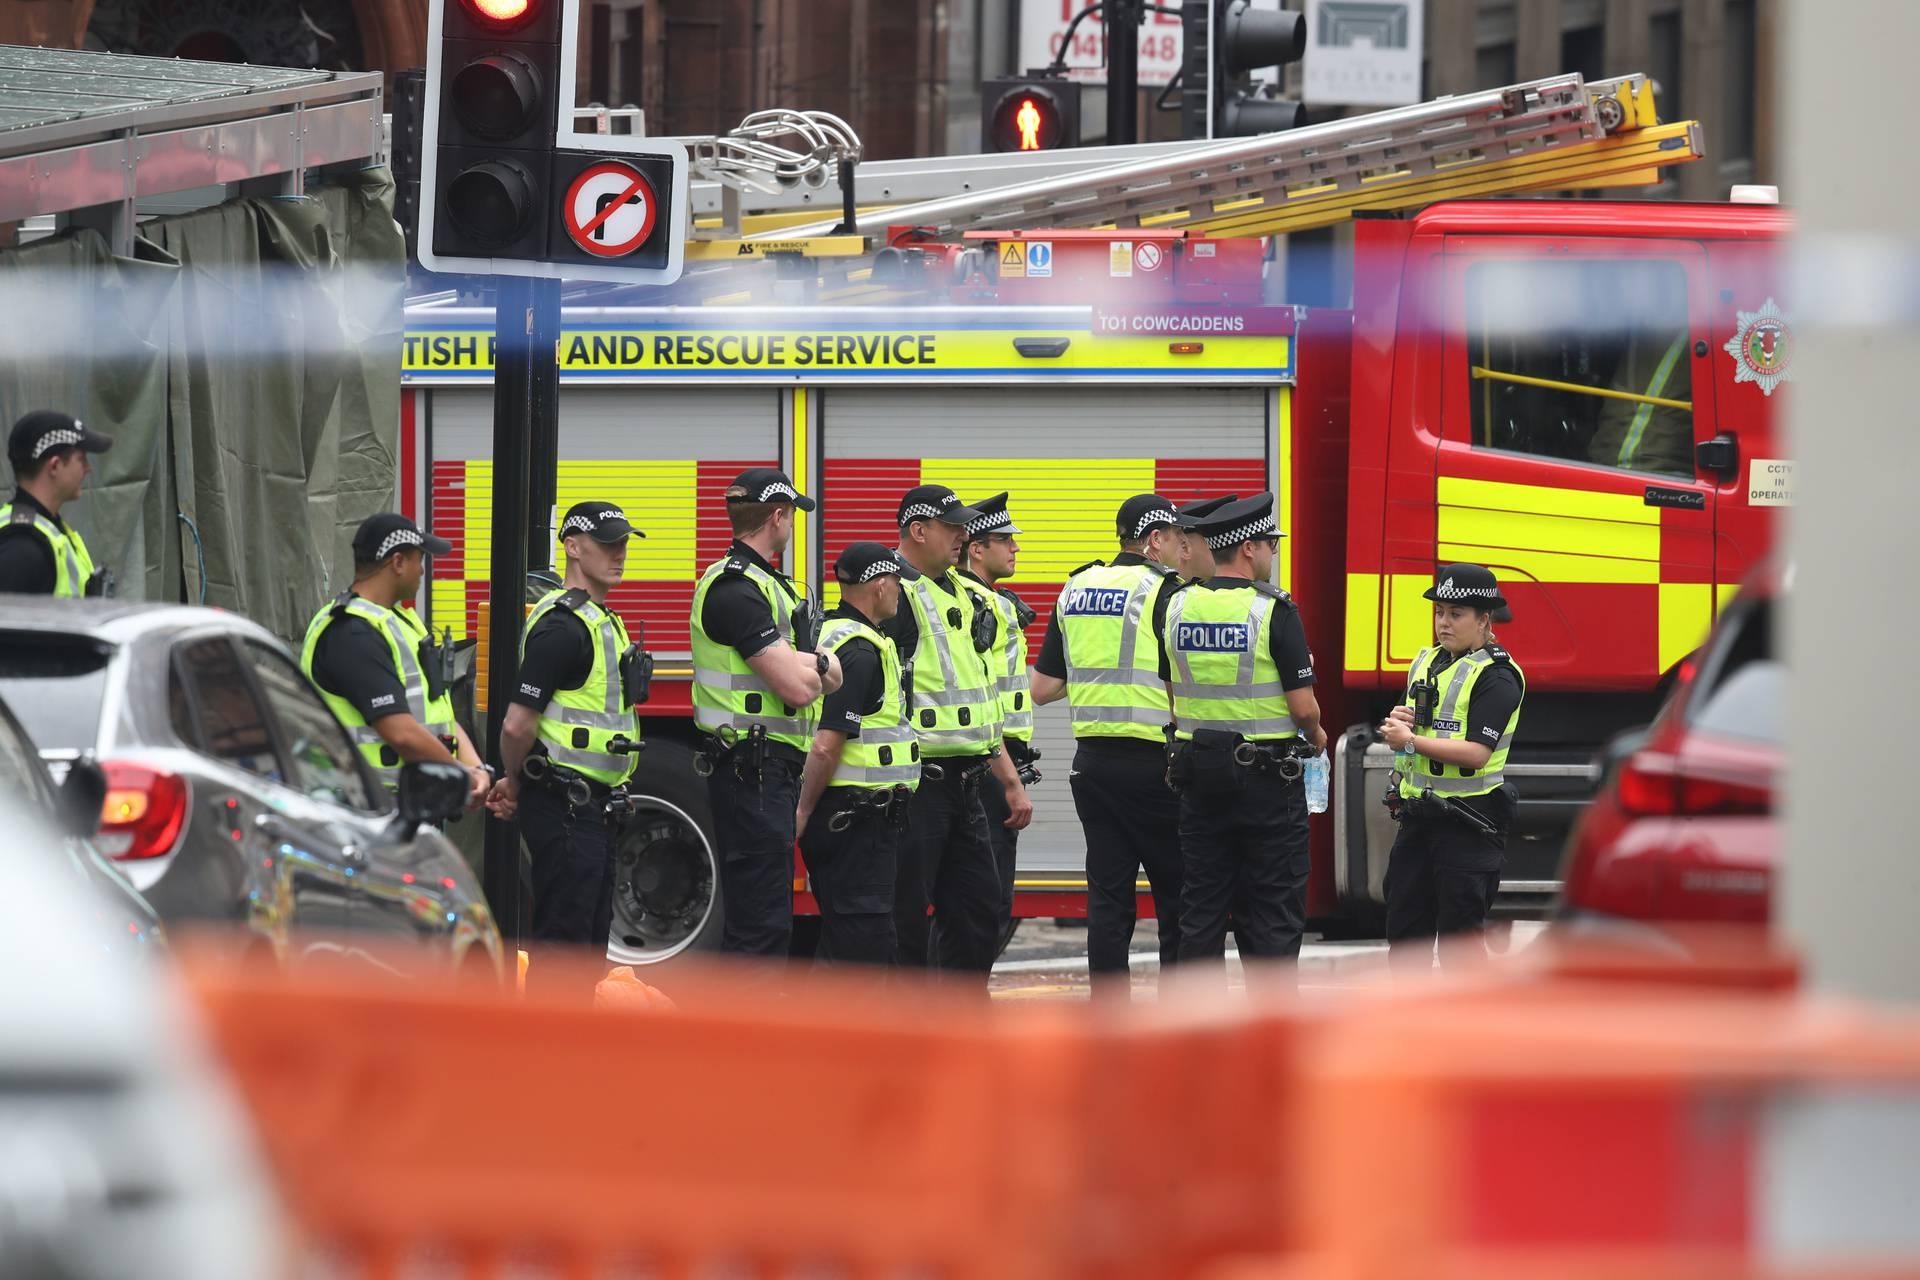 Strava u Glasgowu: Ubio troje ljudi nožem, policija ubila njega